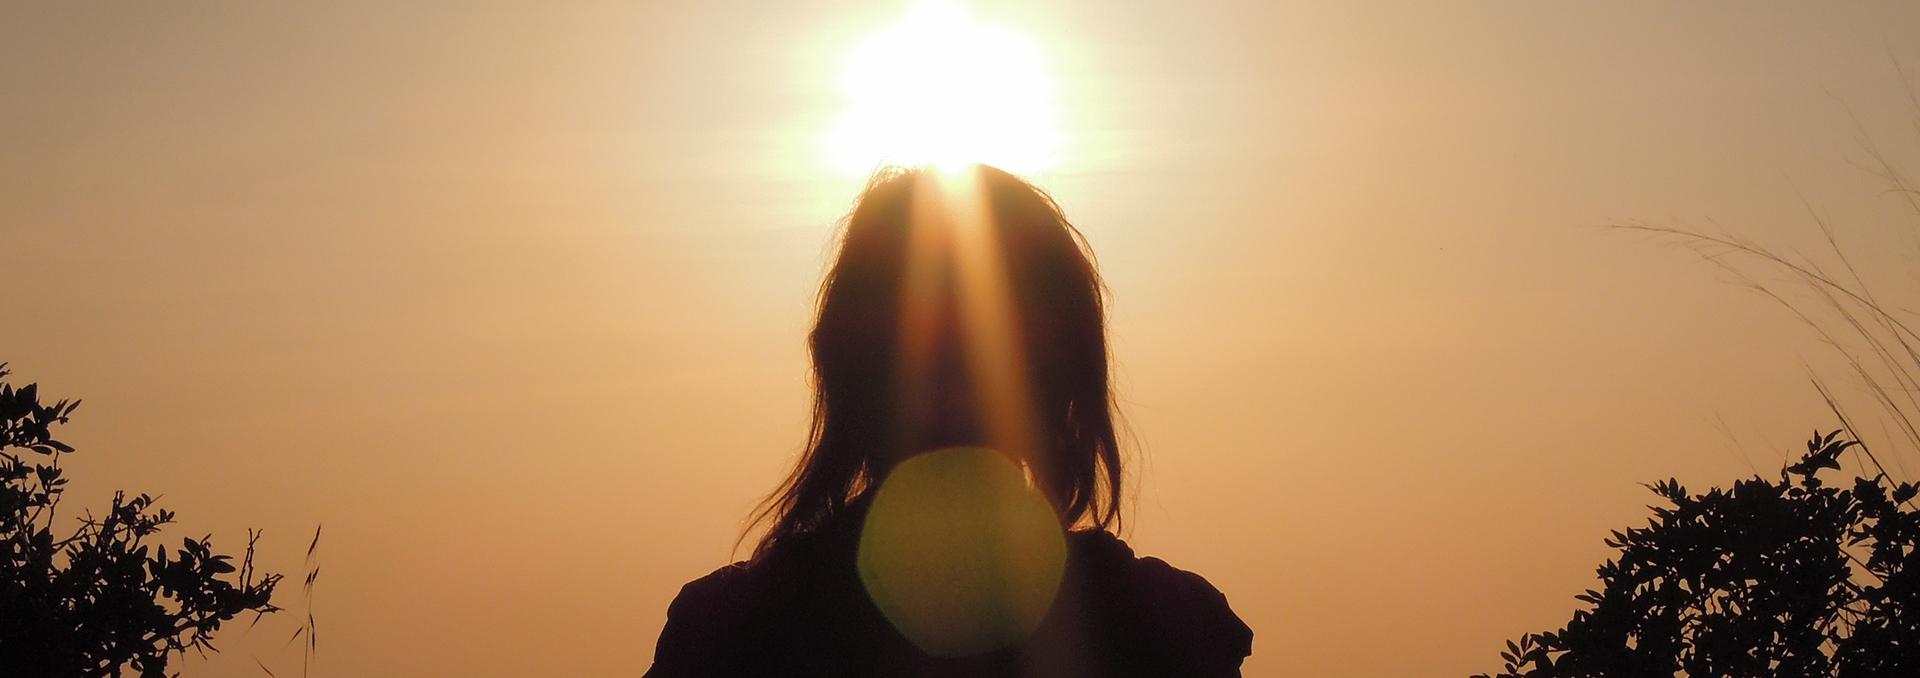 Pleine conscience et méditation